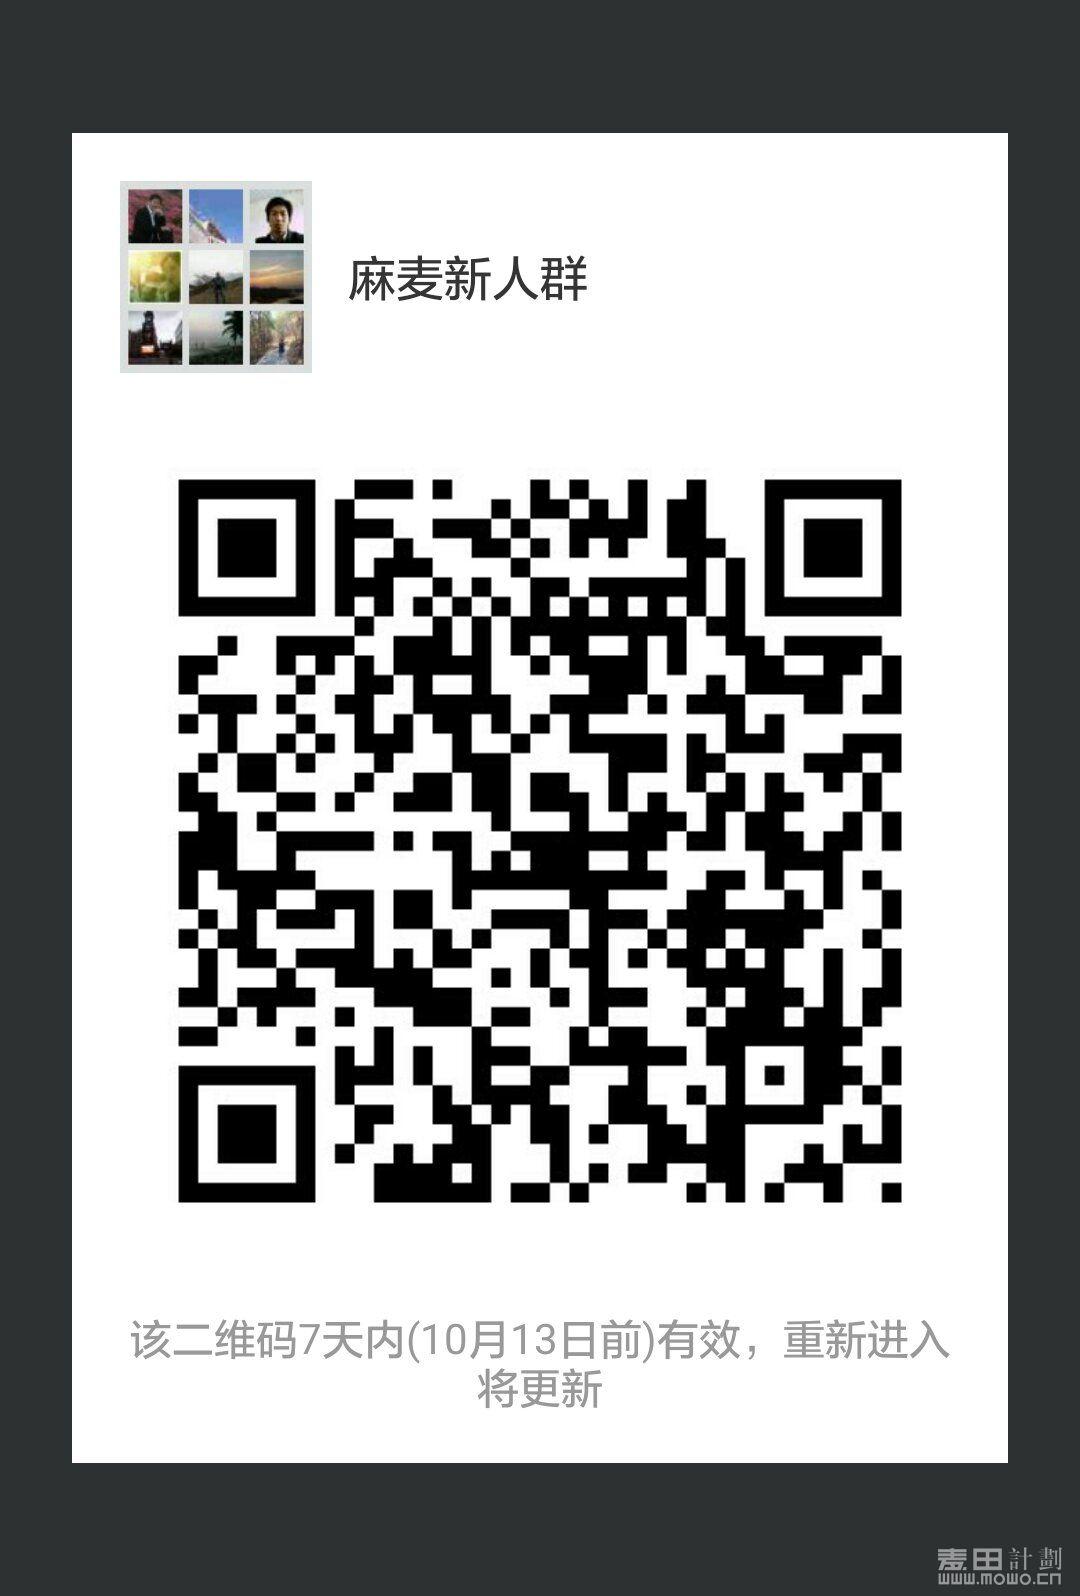 微信图片_20181006233029.jpg